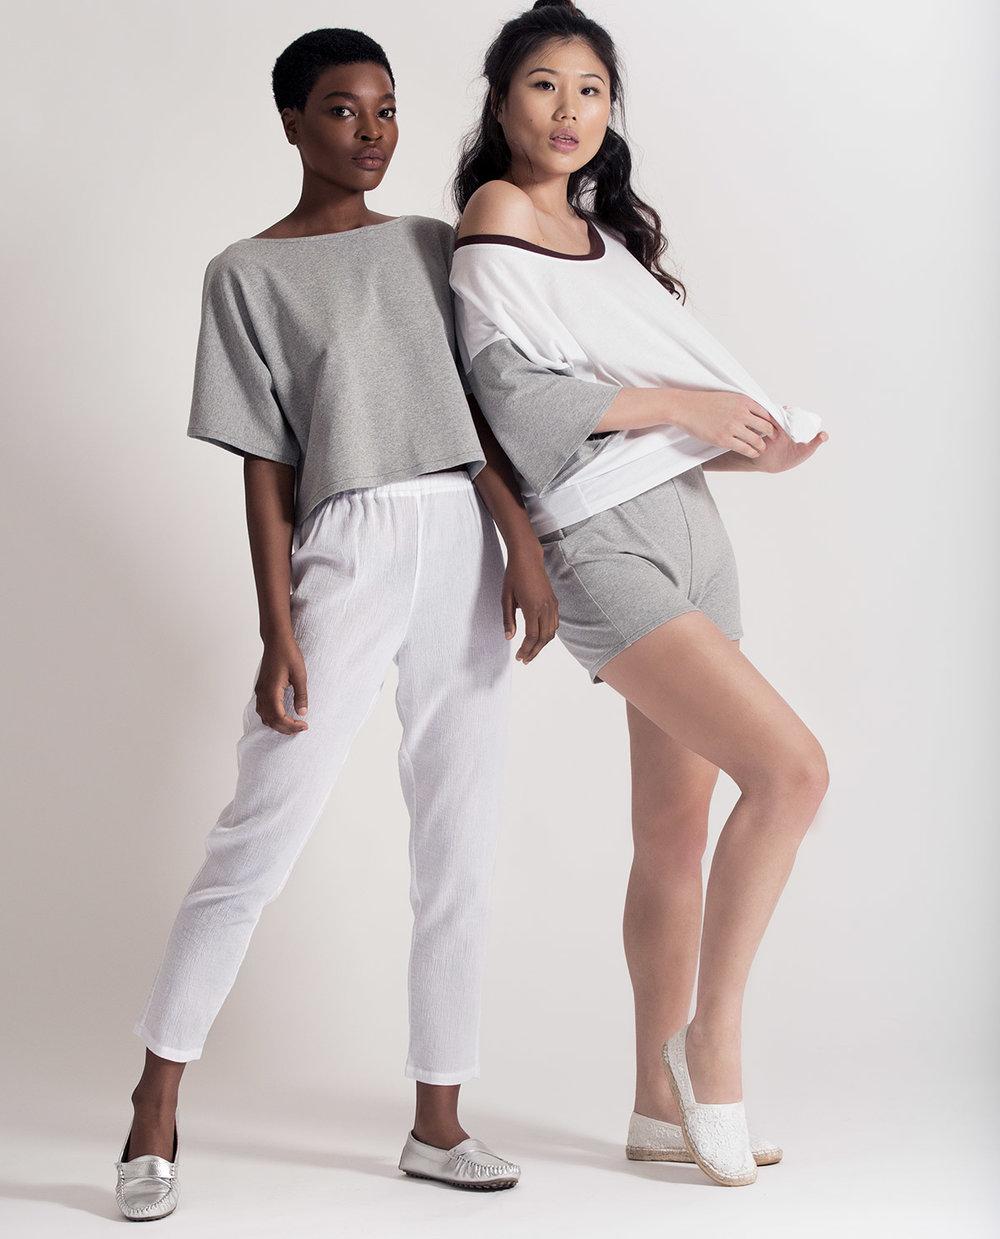 337 BRAND - Fashion Designer